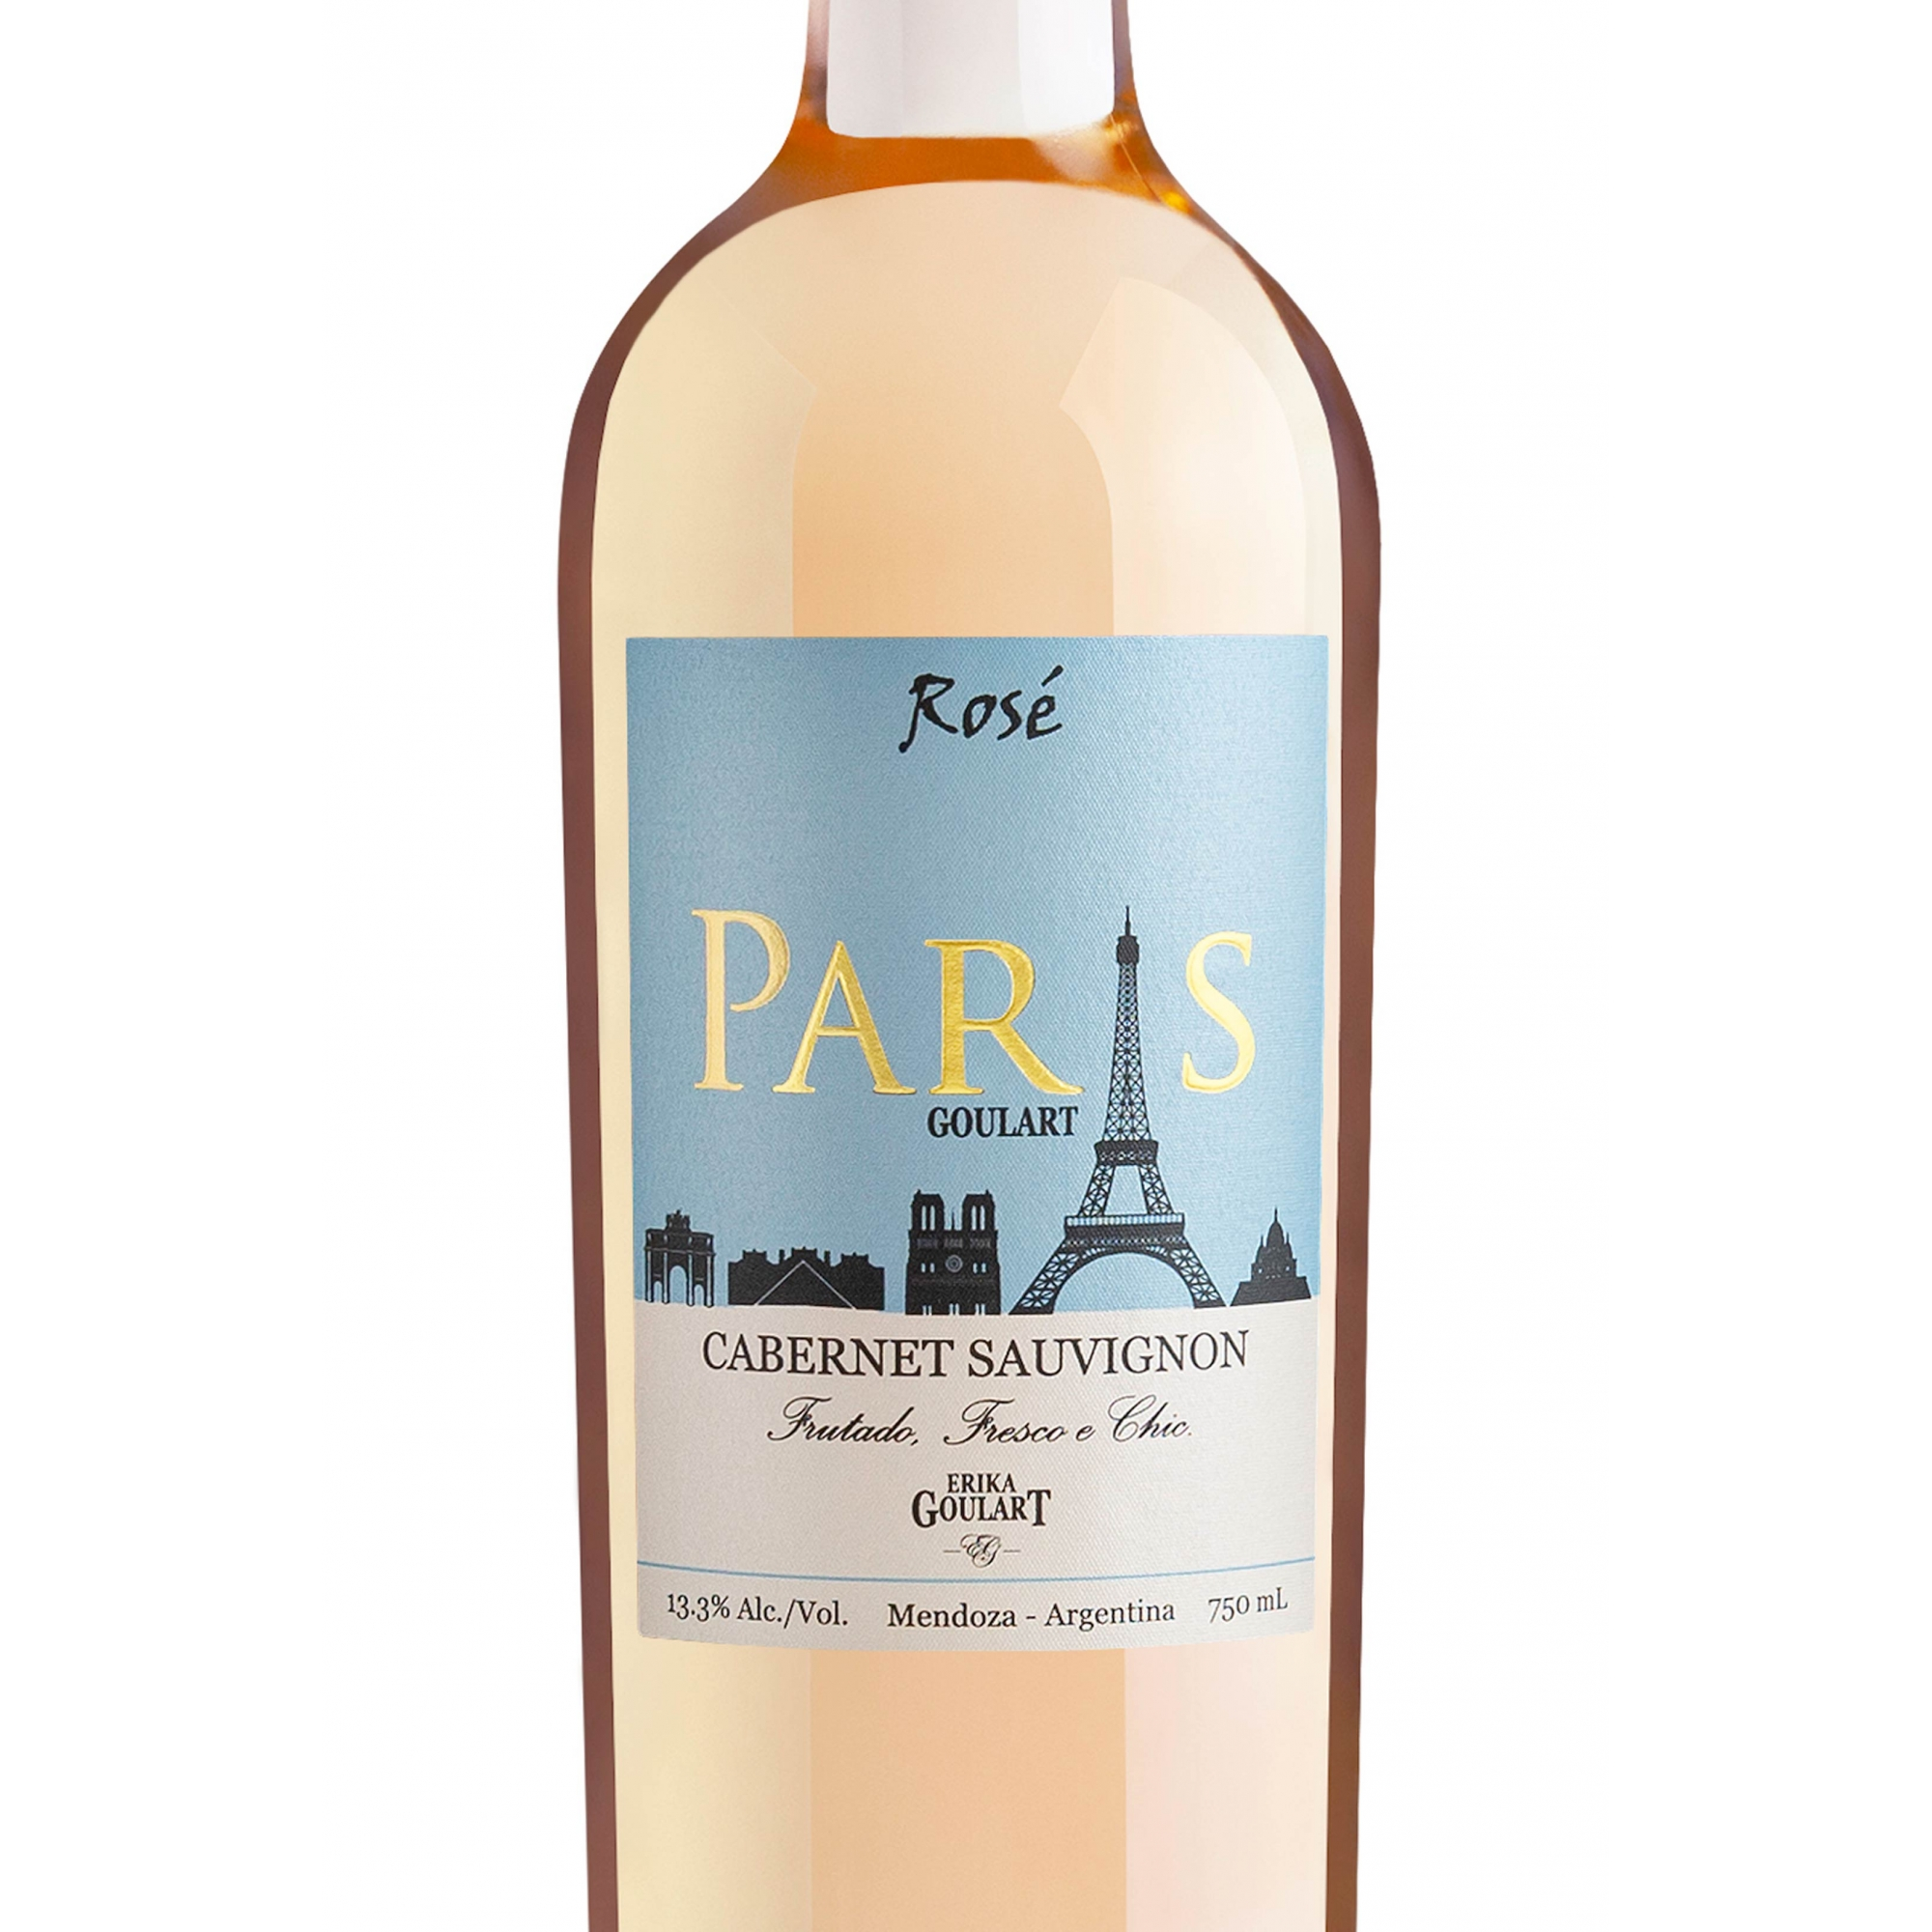 Paris Goulart Rosé Cabernet Sauvignon 2020  - 750ml